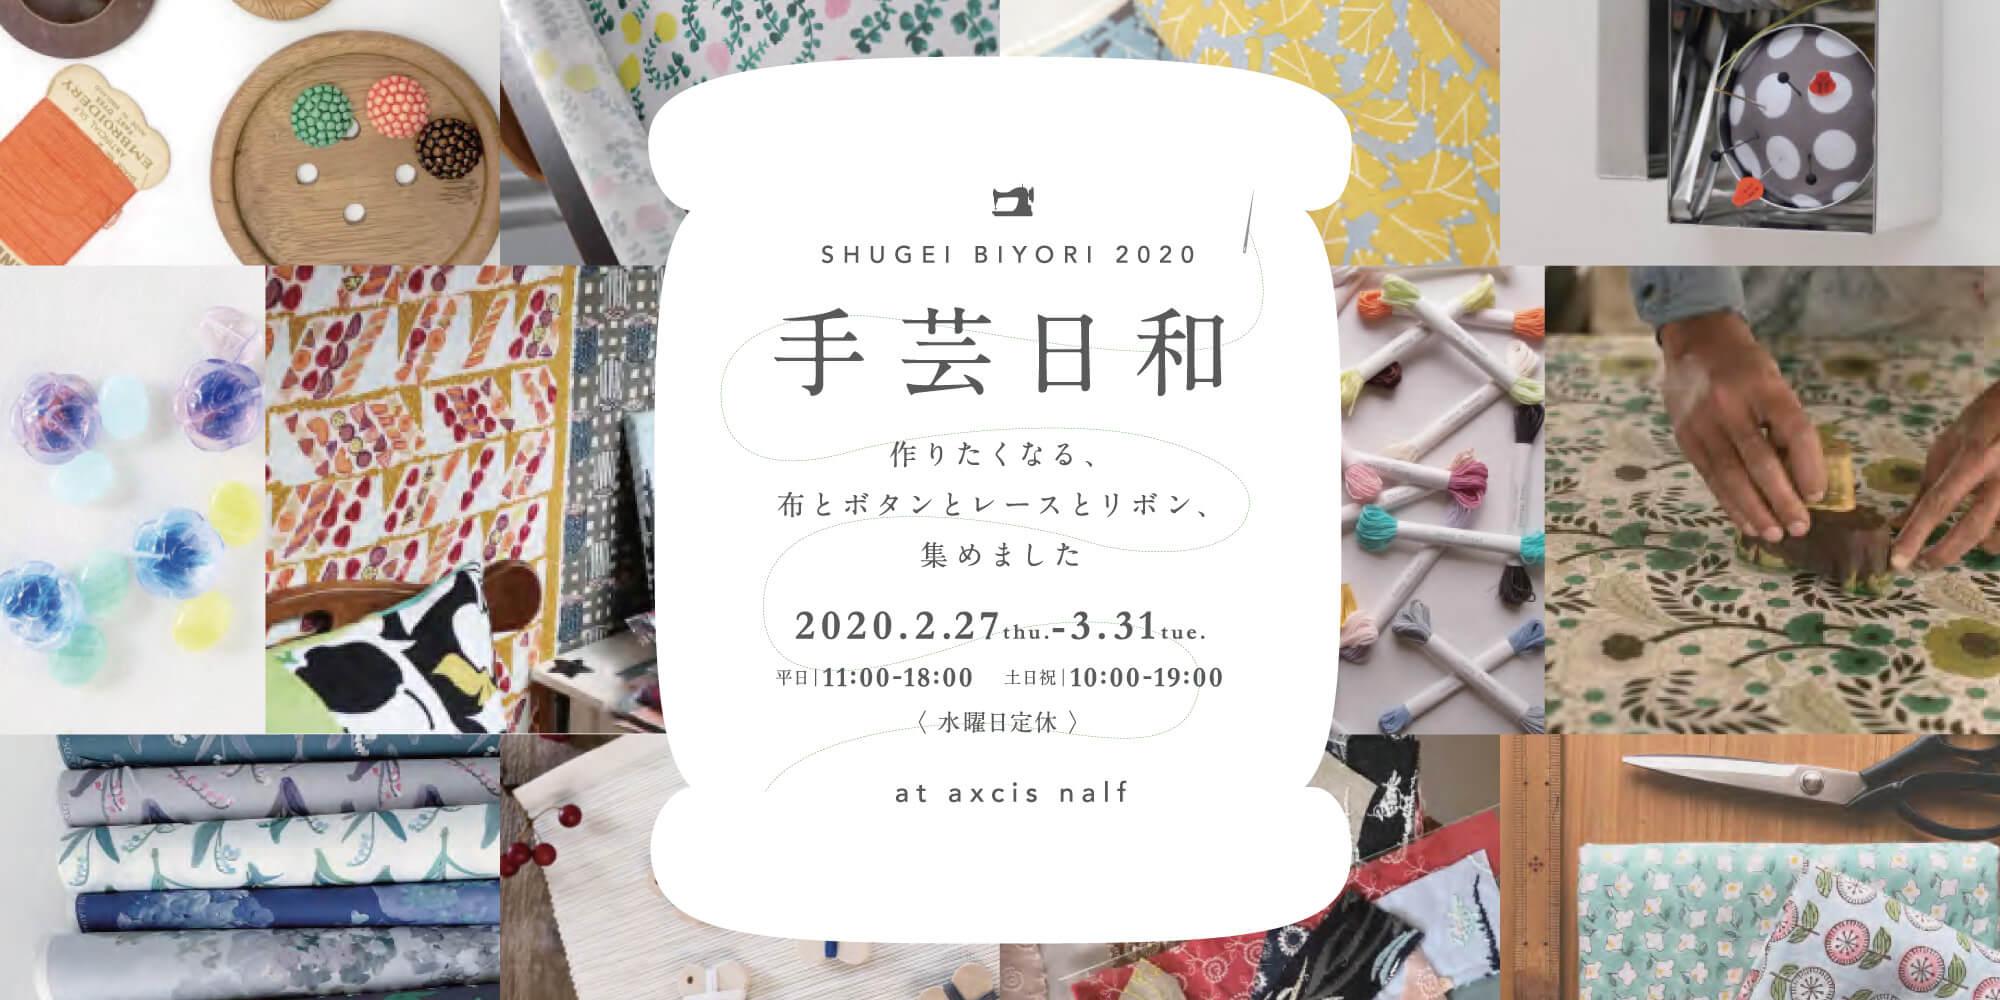 手芸日和 2020のイベント情報を掲載しました。